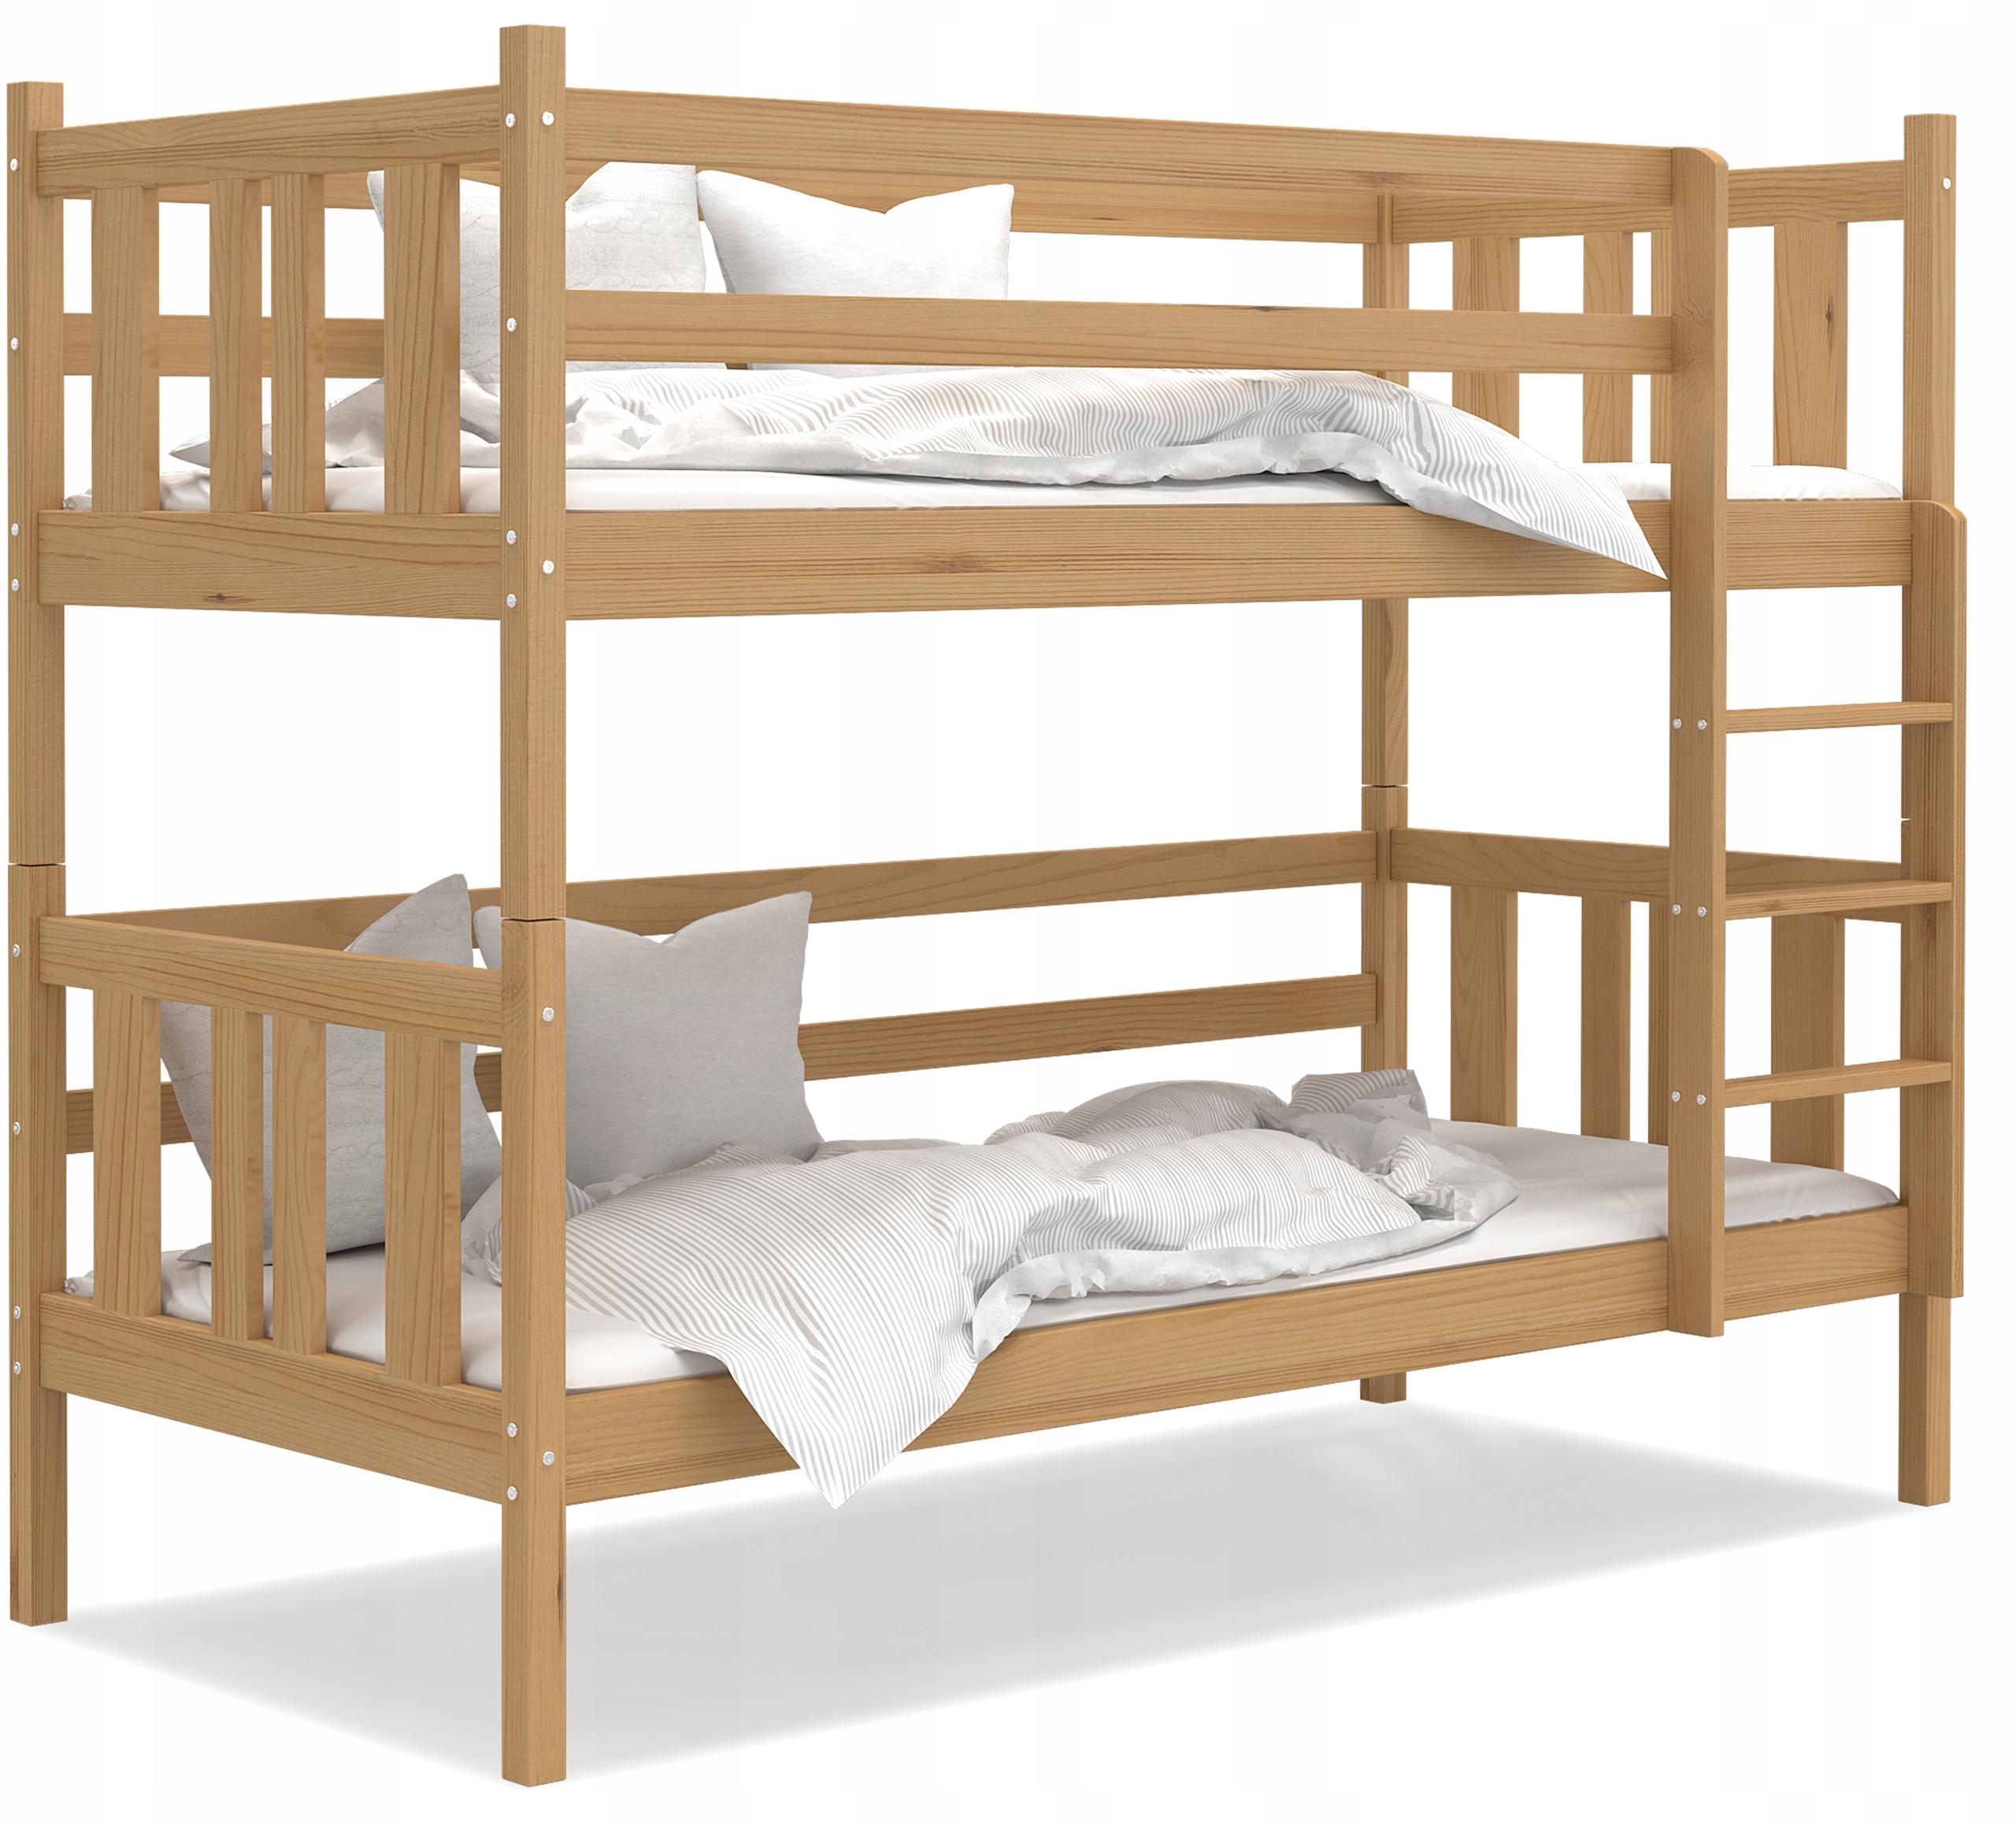 Łóżko piętrowe BOBO 180x80 olcha